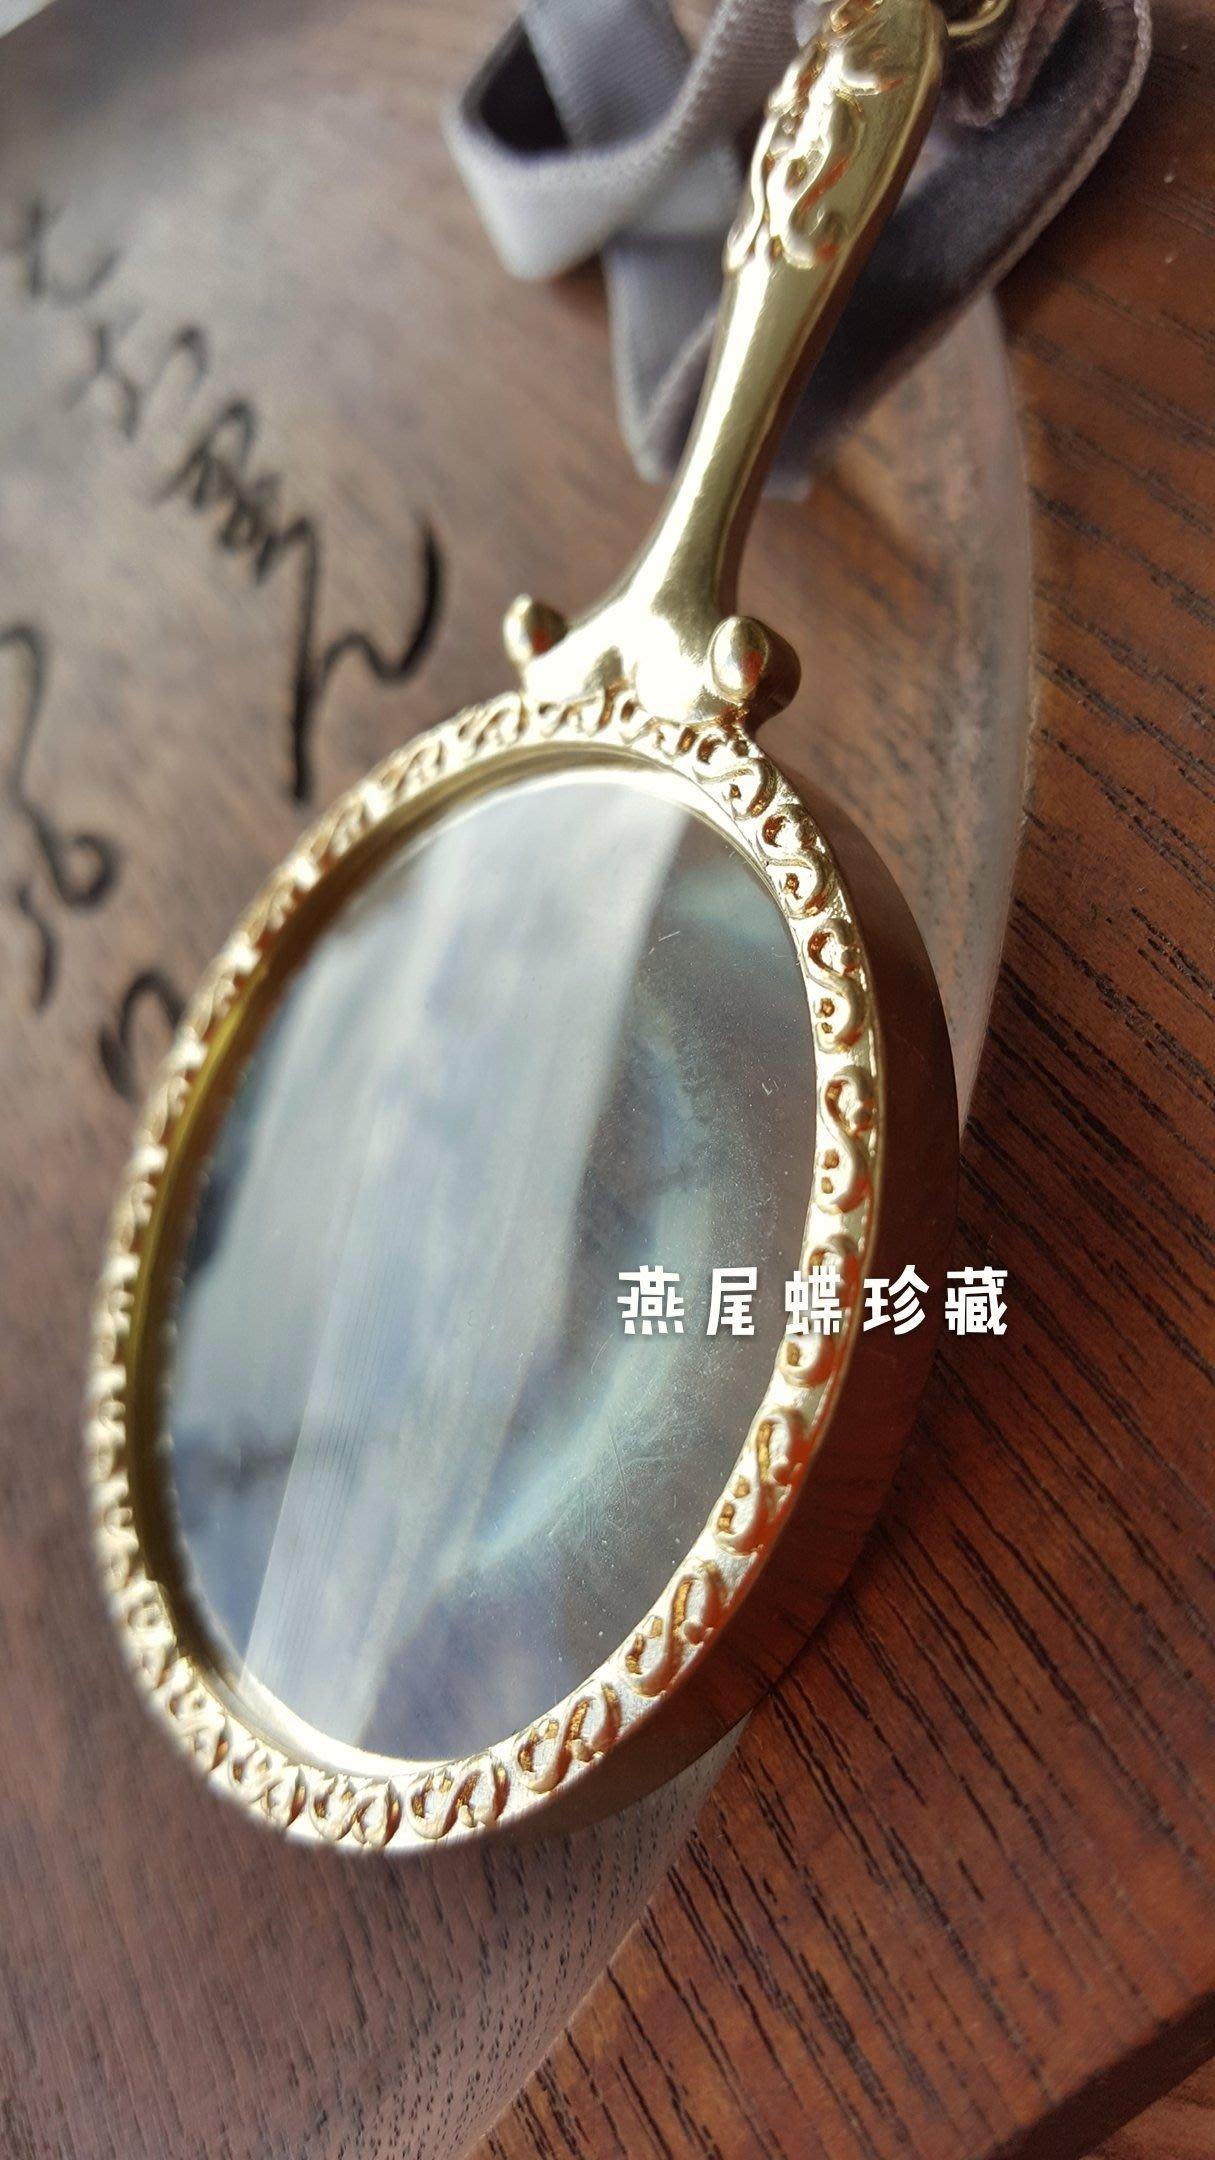 [燕尾蝶珍藏 ]-- 西洋飾品精選 : 摩登 玻璃質感 放大鏡  項鍊 a0518